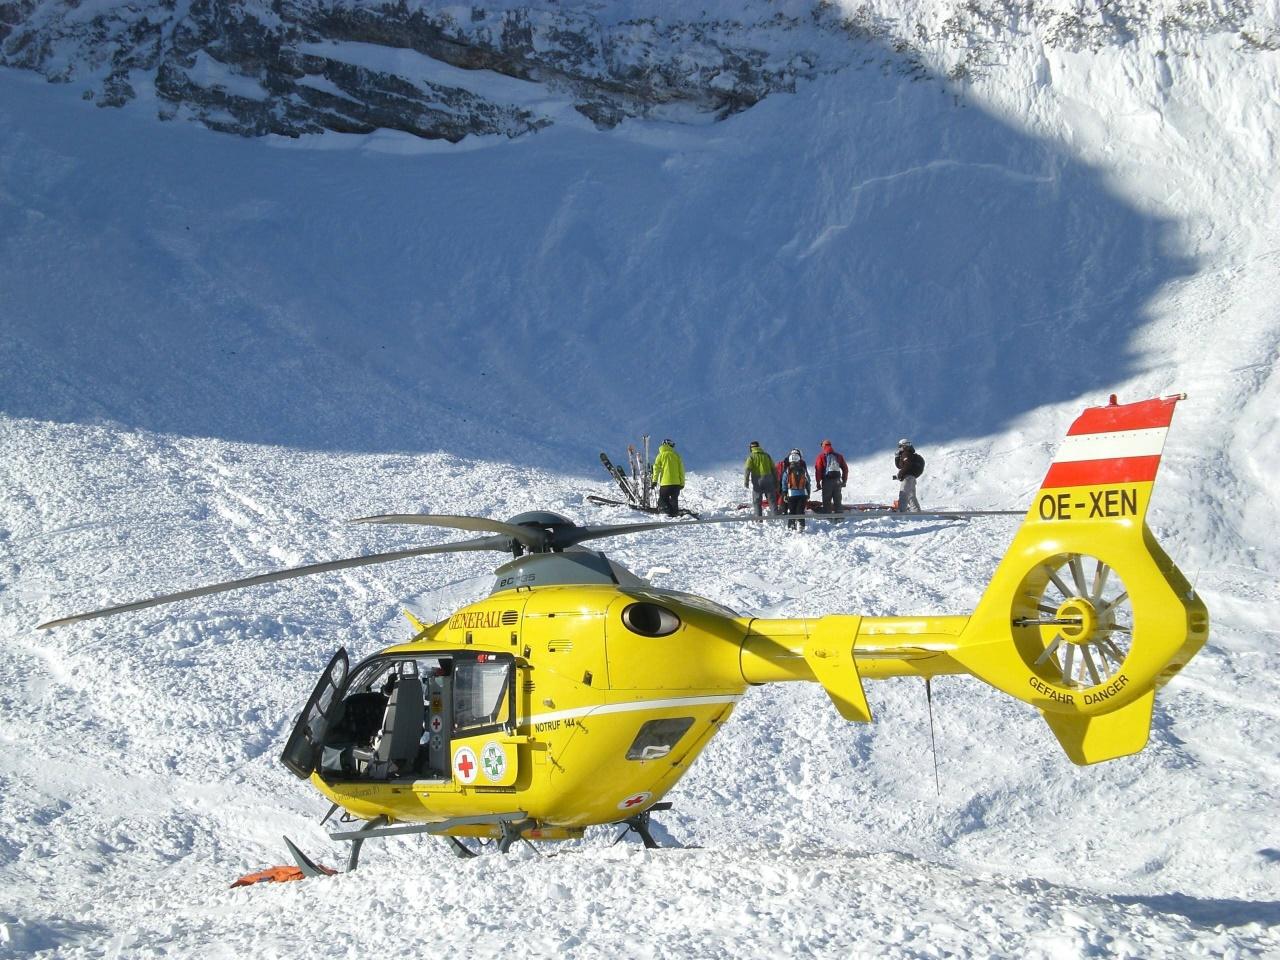 Tourengeher wollte Wanderin helfen und stürzte 200 Meter in die Tiefe